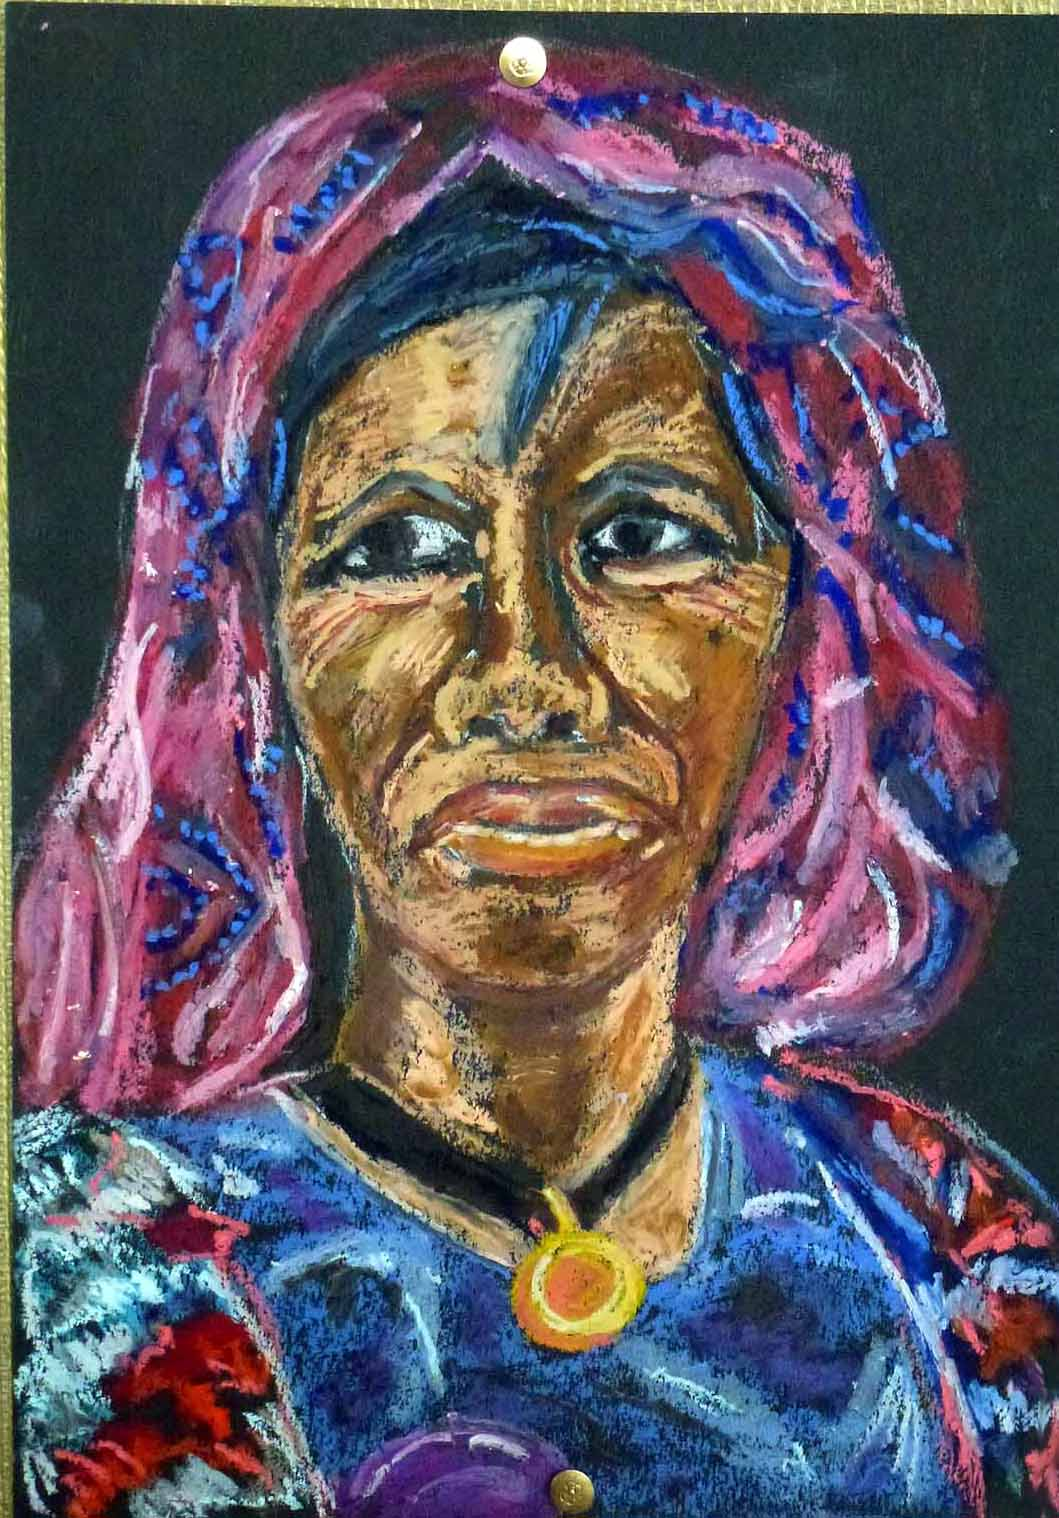 Art de vivre la peinture de peintrefiguratif pastel gras portrait africaine for Peinture pastel gras